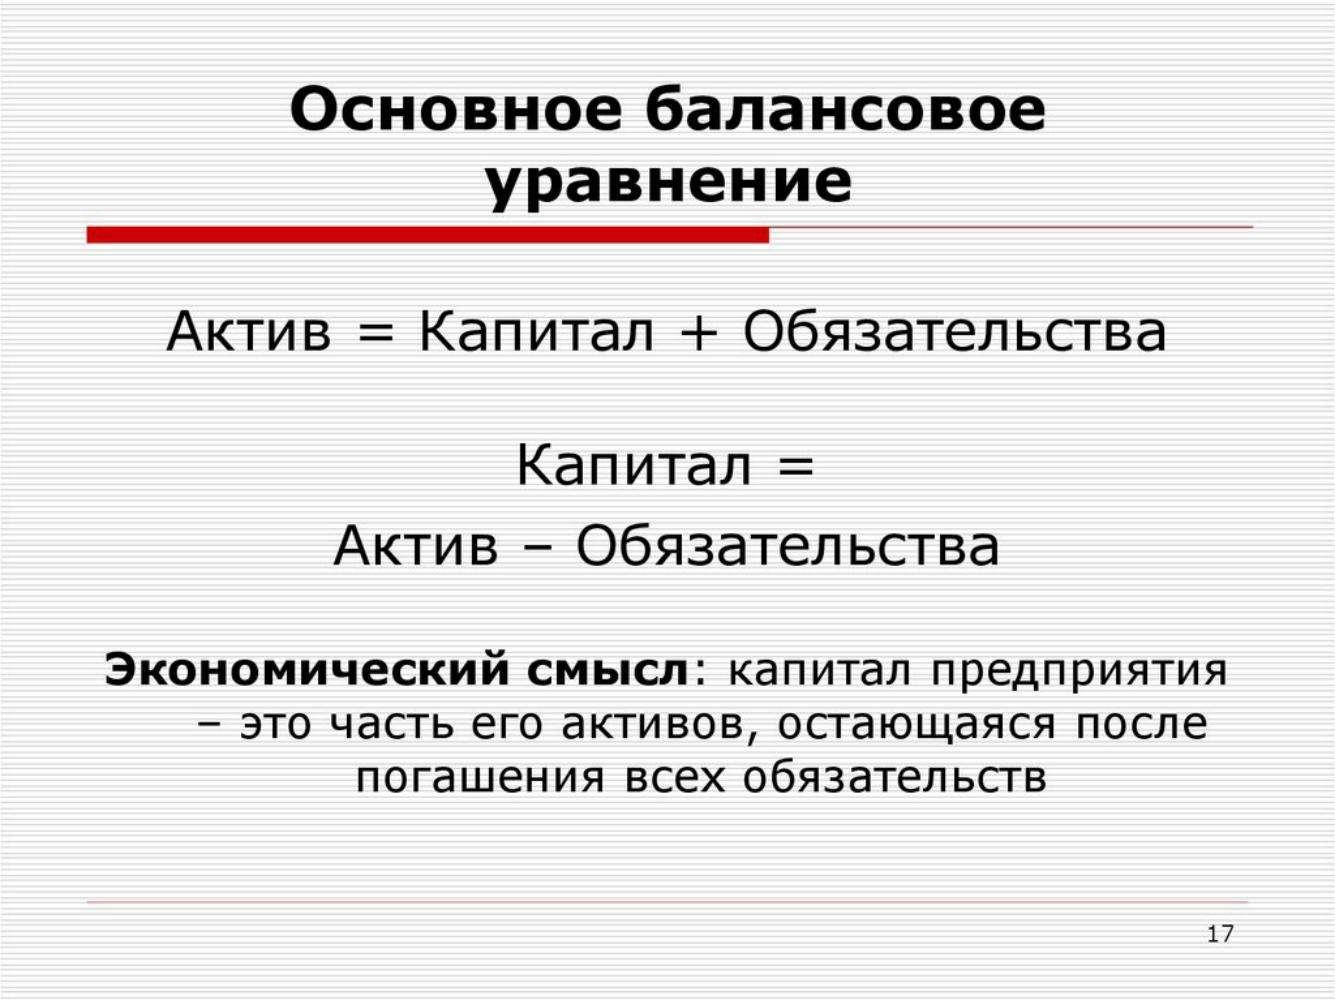 Основное балансовое уравнение